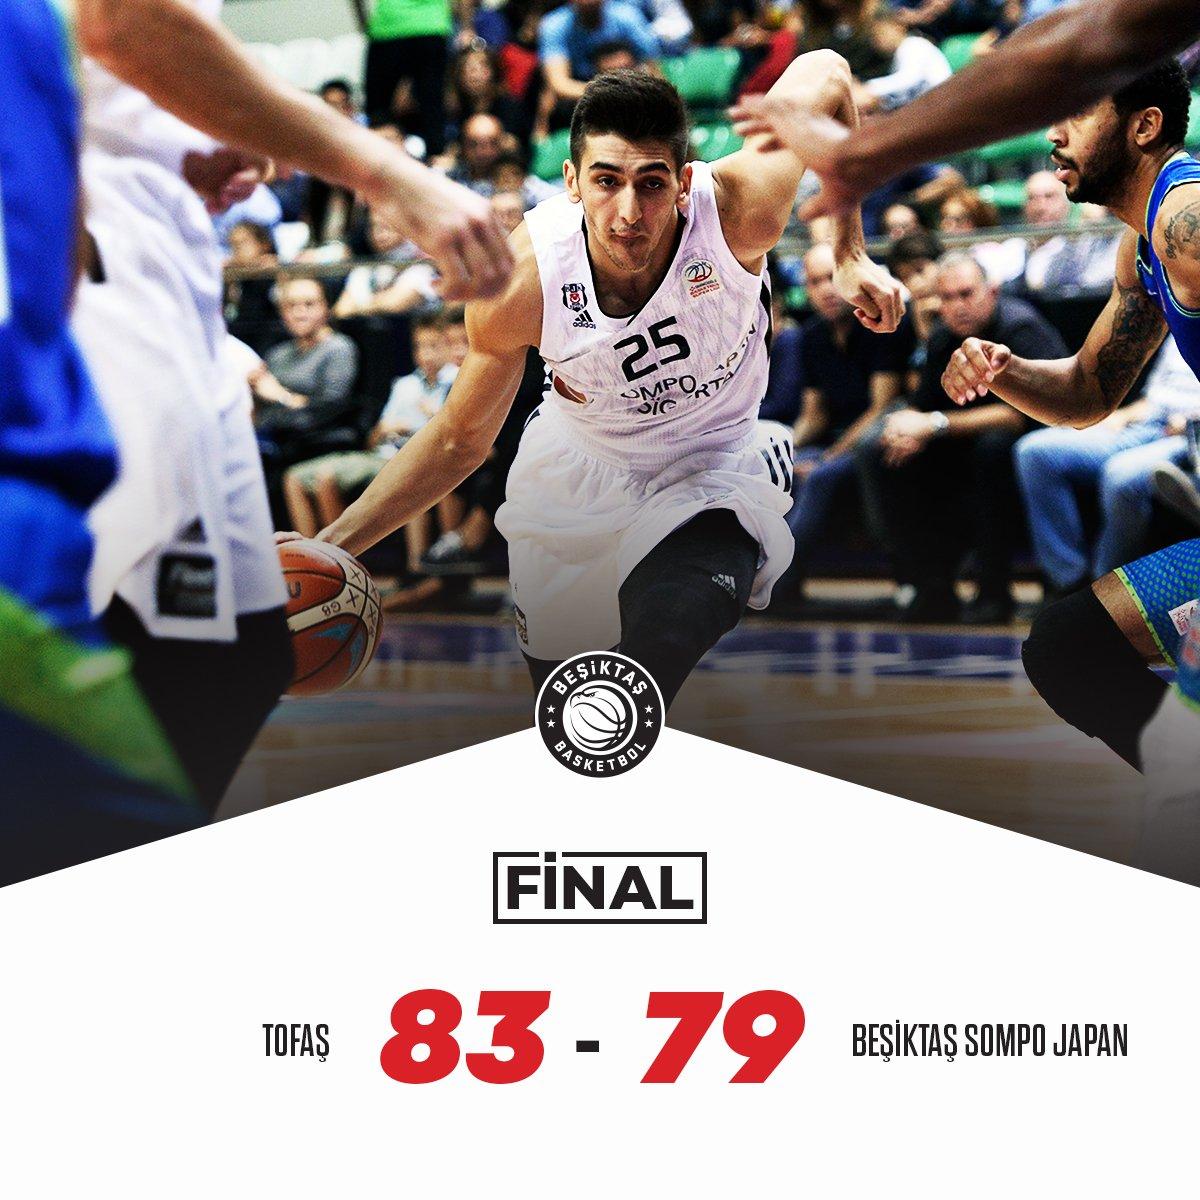 Tahincioğlu Basketbol Süper Ligi 3. Hafta MAÇ SONUCU Tofaş:83 Beşiktaş Sompo Japan:79 #PotanınKartalları #Beşiktaş